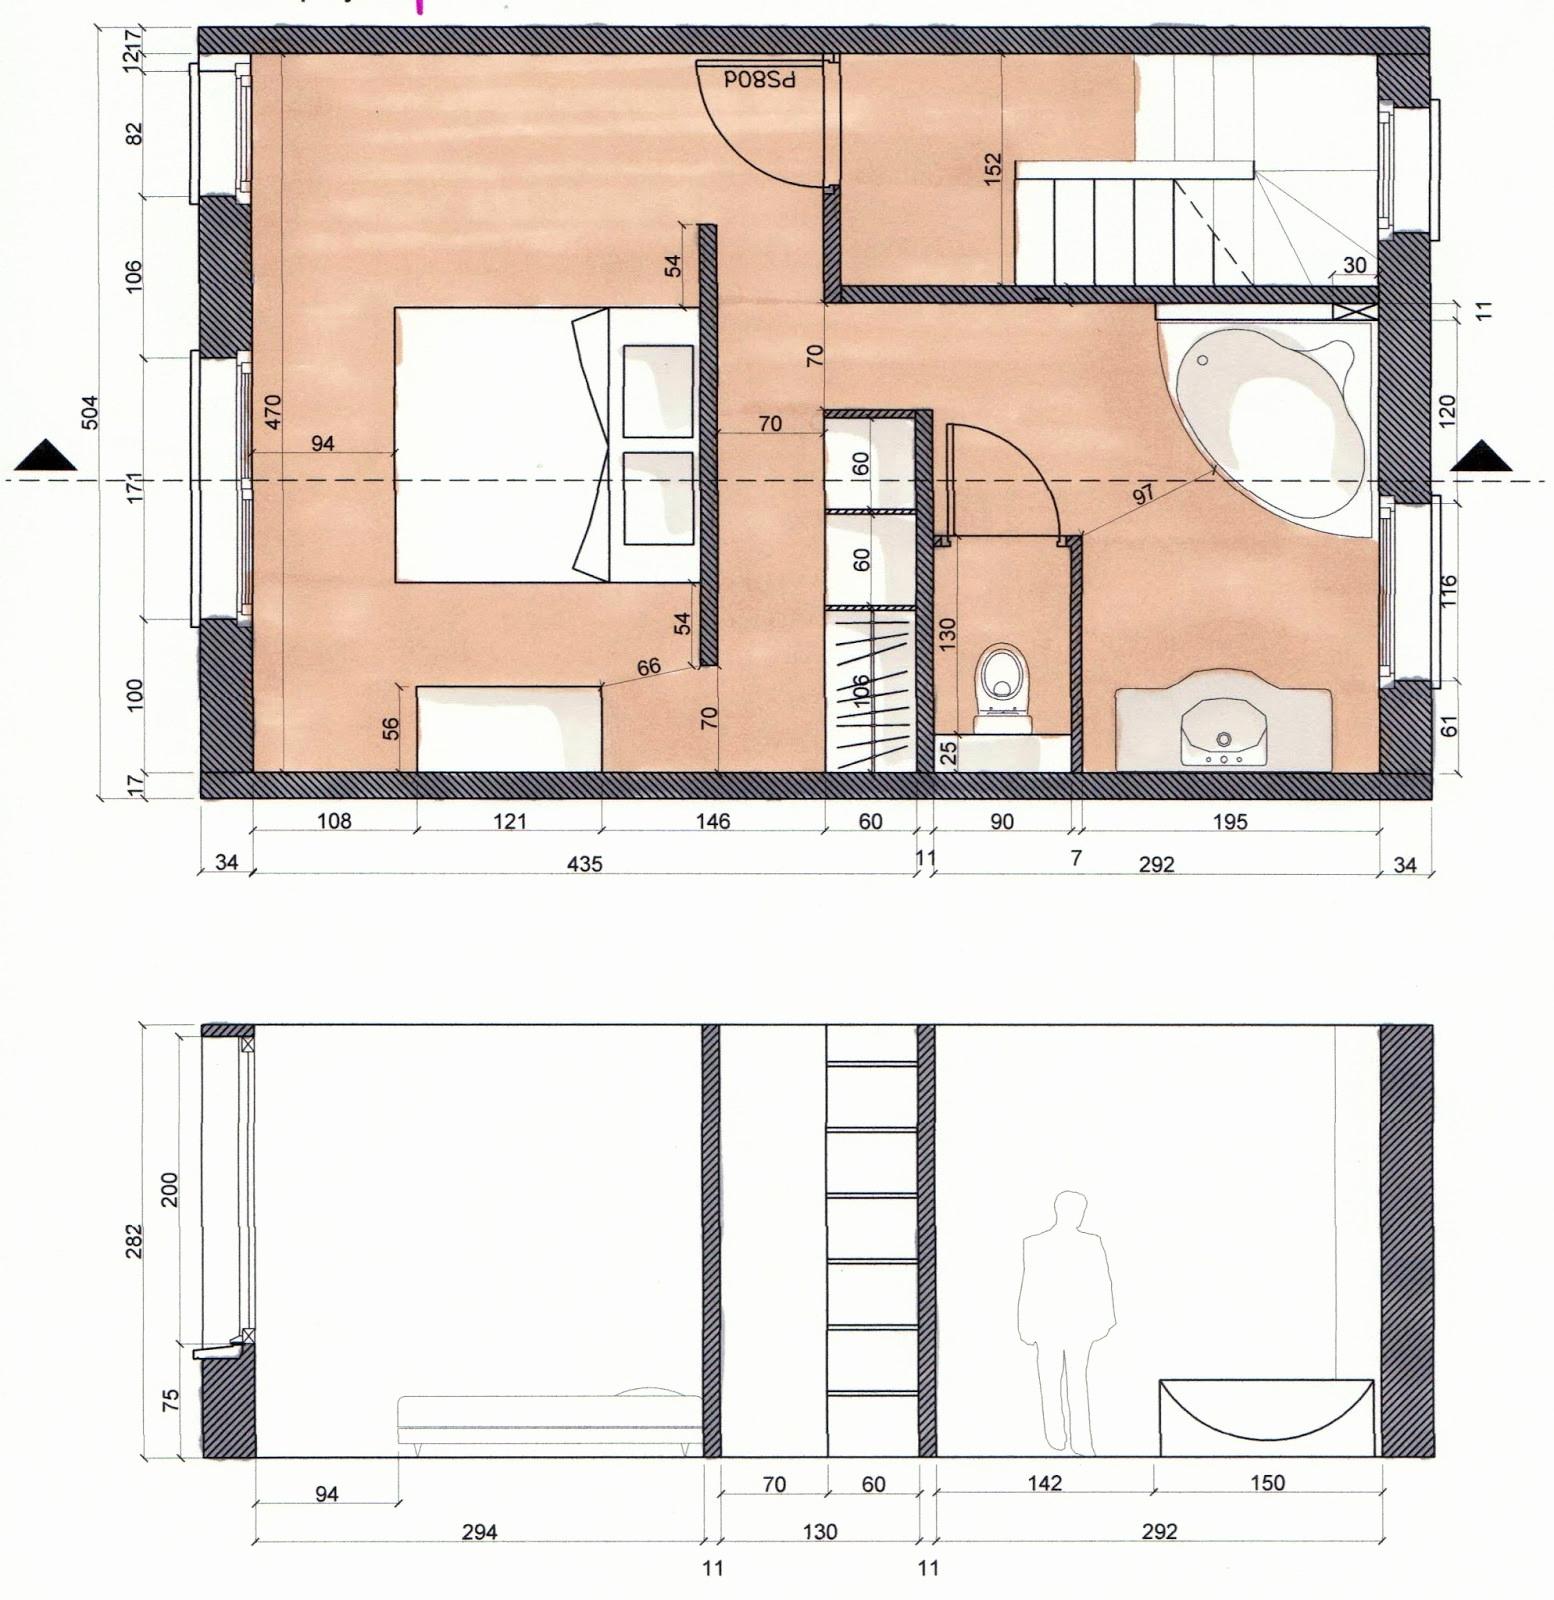 Suite Parentale Avec Salle De Bain Et Dressing Plan Luxe Collection 21 Suite Parentale Avec Salle De Bain Et Dressing Décoration De